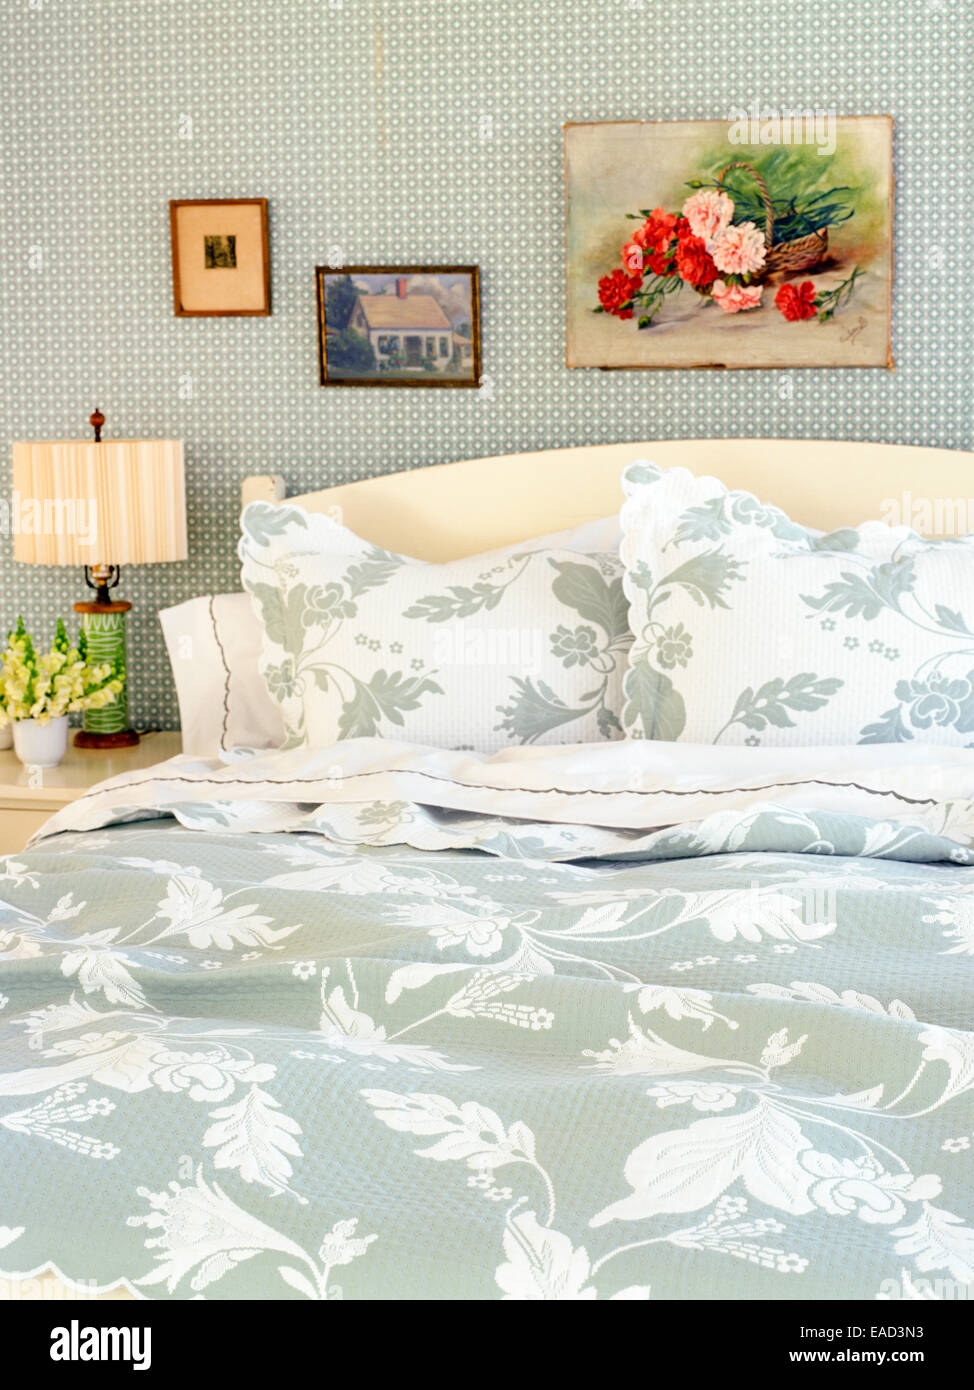 Lit avec des couvertures et des oreillers à motifs floraux Photo Stock